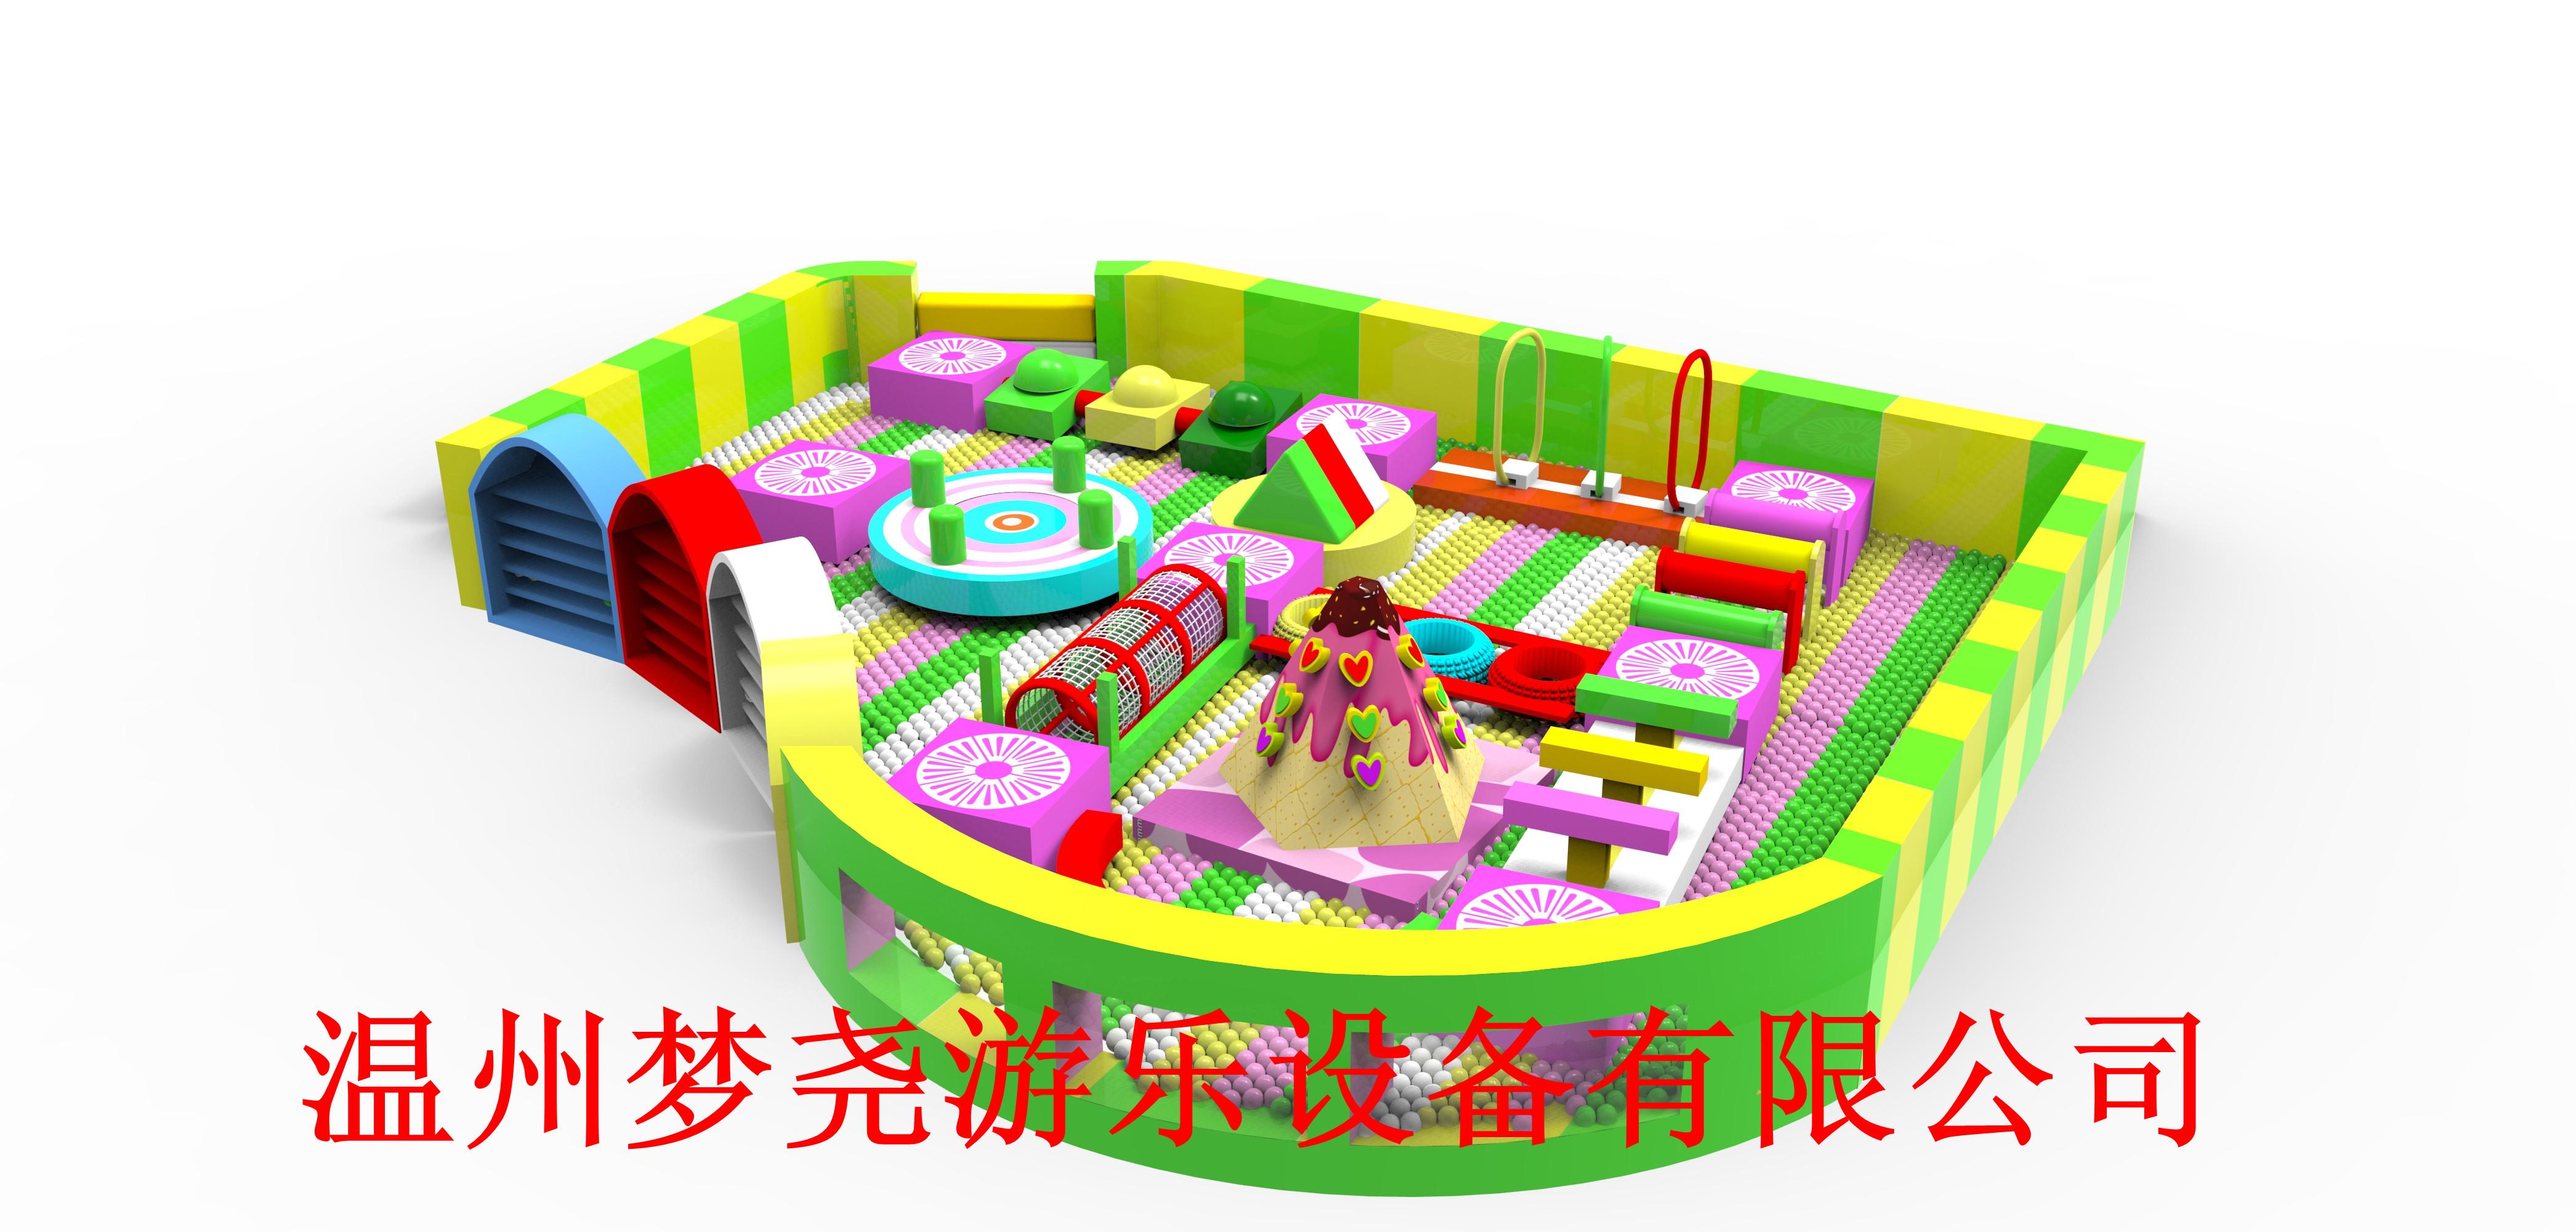 淘气堡儿童乐园室内设备游乐场设施 大型滑梯组合拓展乐园 淘气堡生产厂家 儿童乐园生产厂家 云南儿童乐园生产厂家